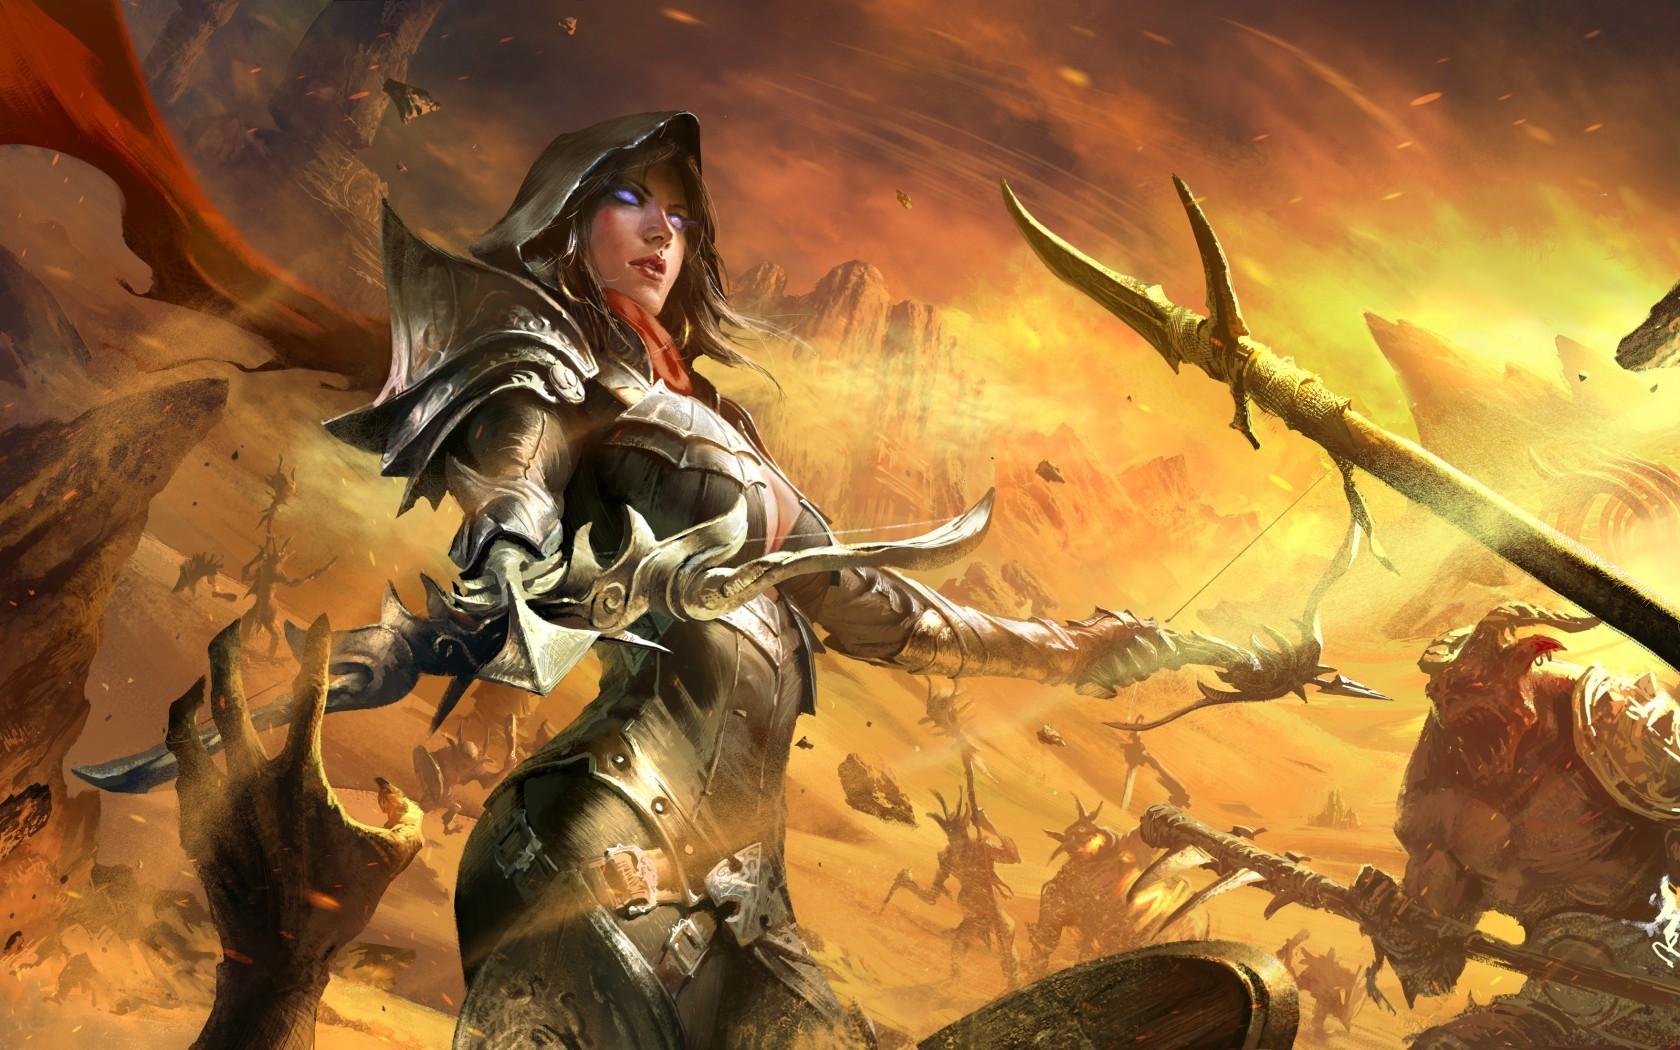 Wallpaper Digital Art Video Games Fantasy Art Fantasy Girl